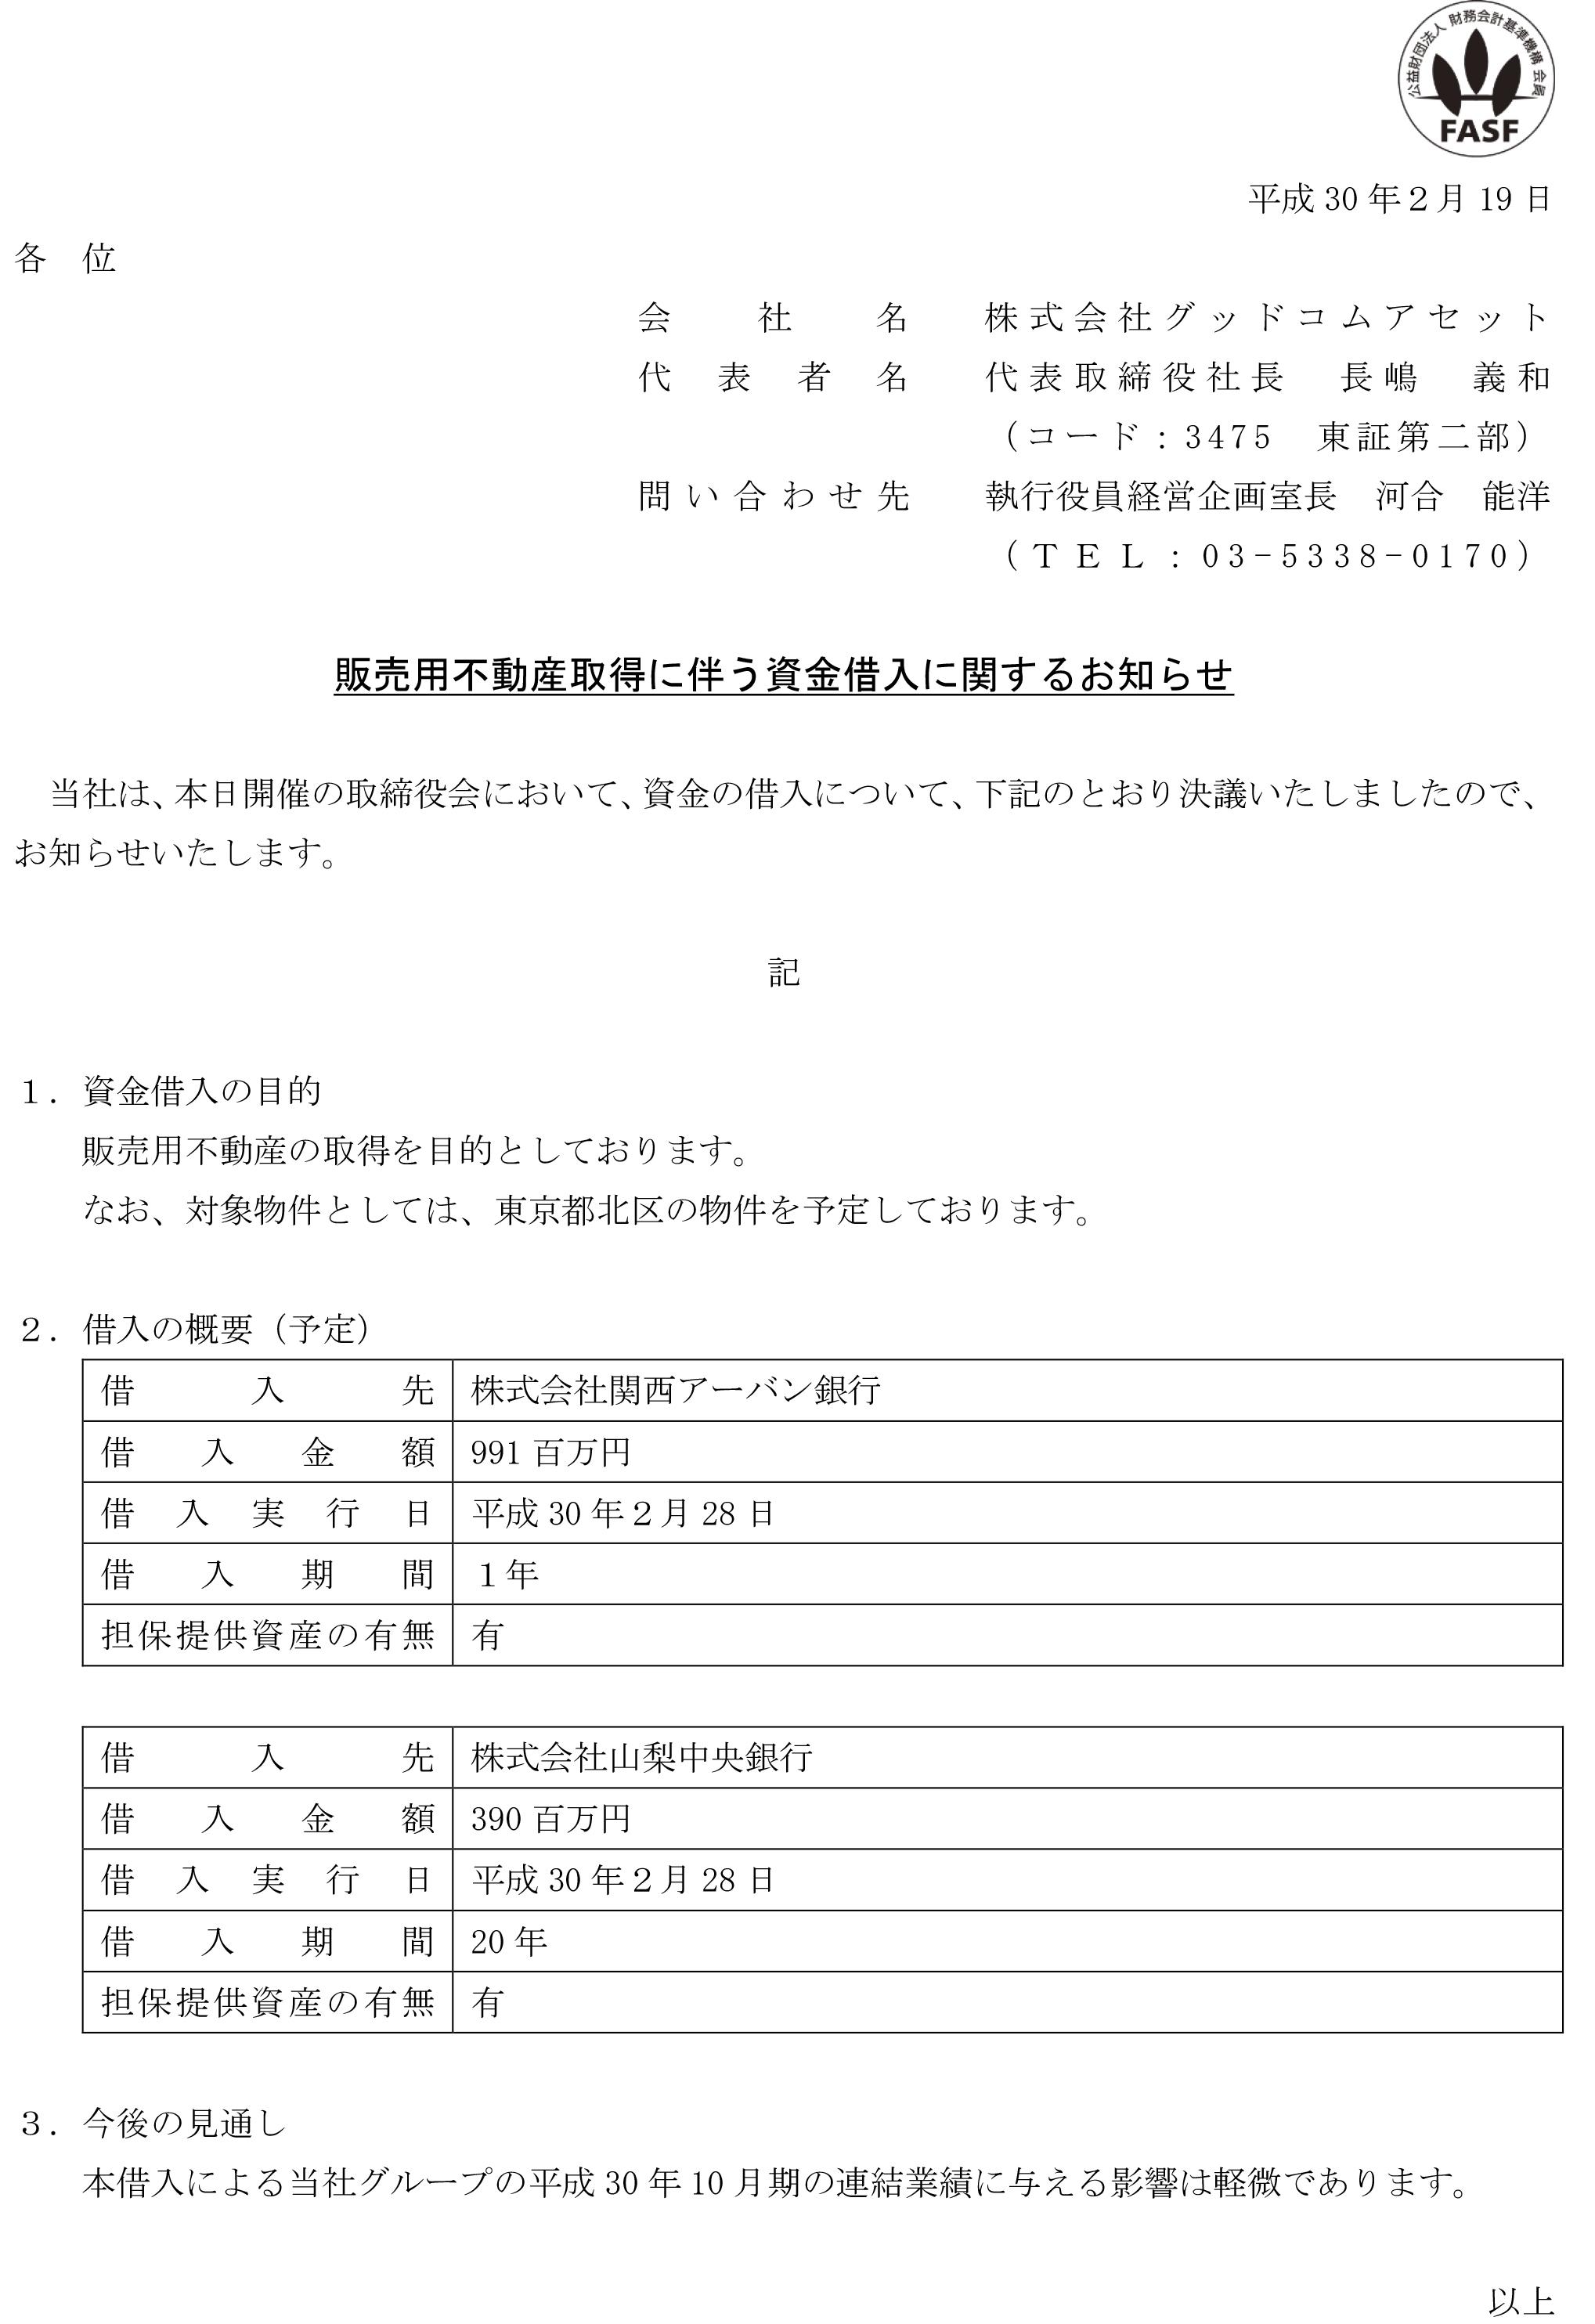 18-02-19販売用不動産取得に伴う資金借入に関するお知らせ (駒込駅)修正